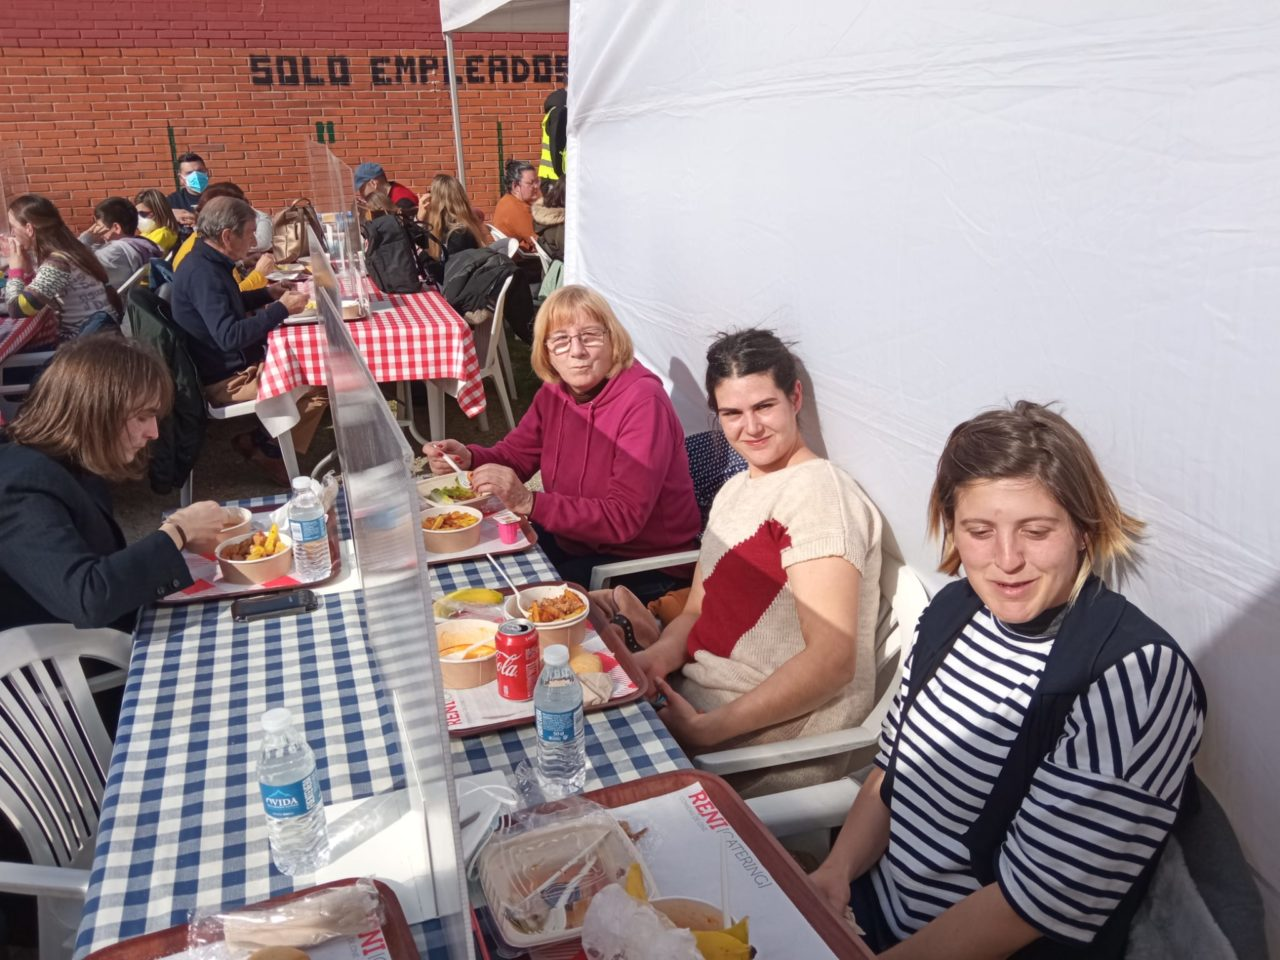 Por la izquierda, Chelo Espina, Susana Folgueiras y Bárbara Galán en la carpa acondicionada para la comida